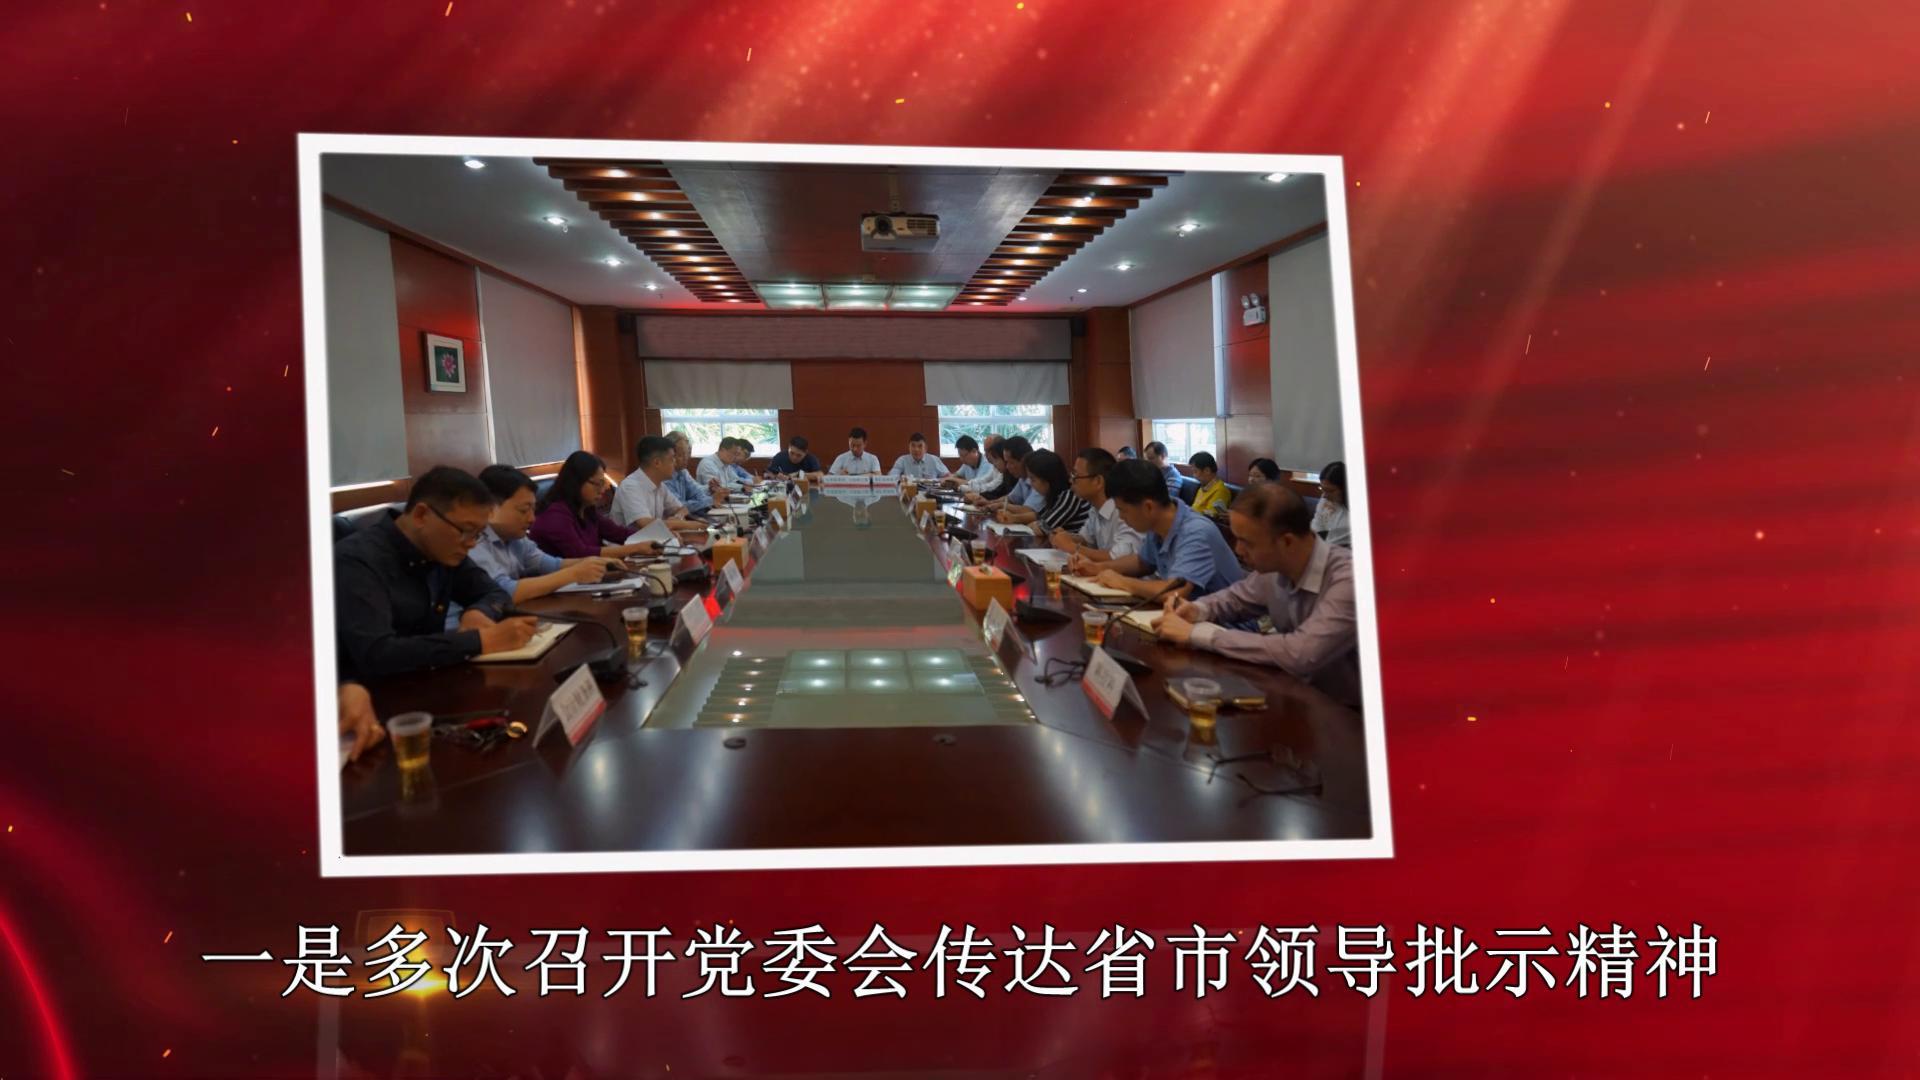 中国人民银行肇庆市中心支行扫黑除恶专项斗争工作成效展示